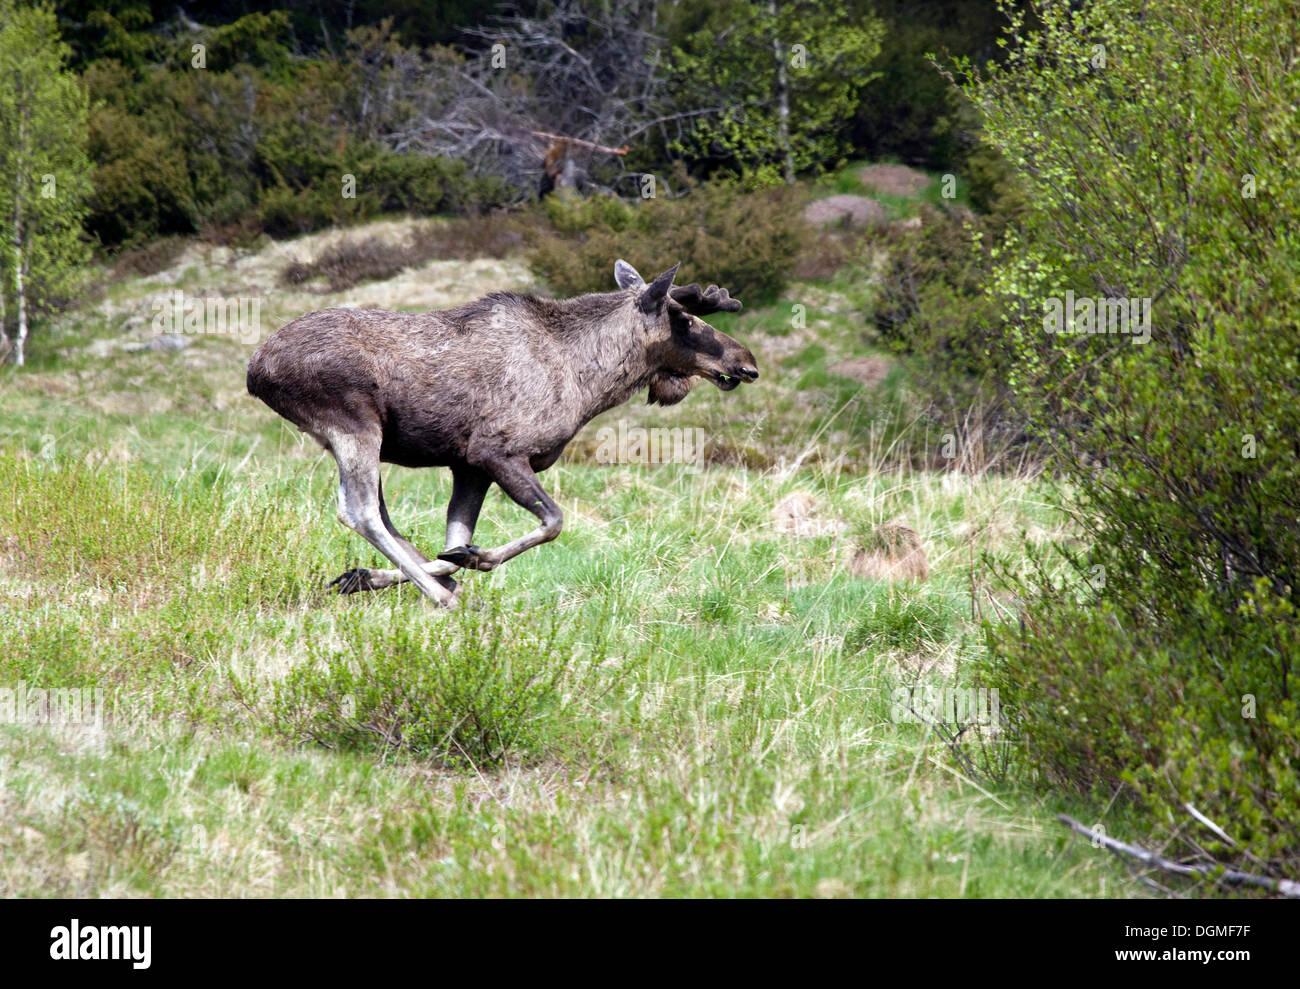 Eurasian elk - photo#38